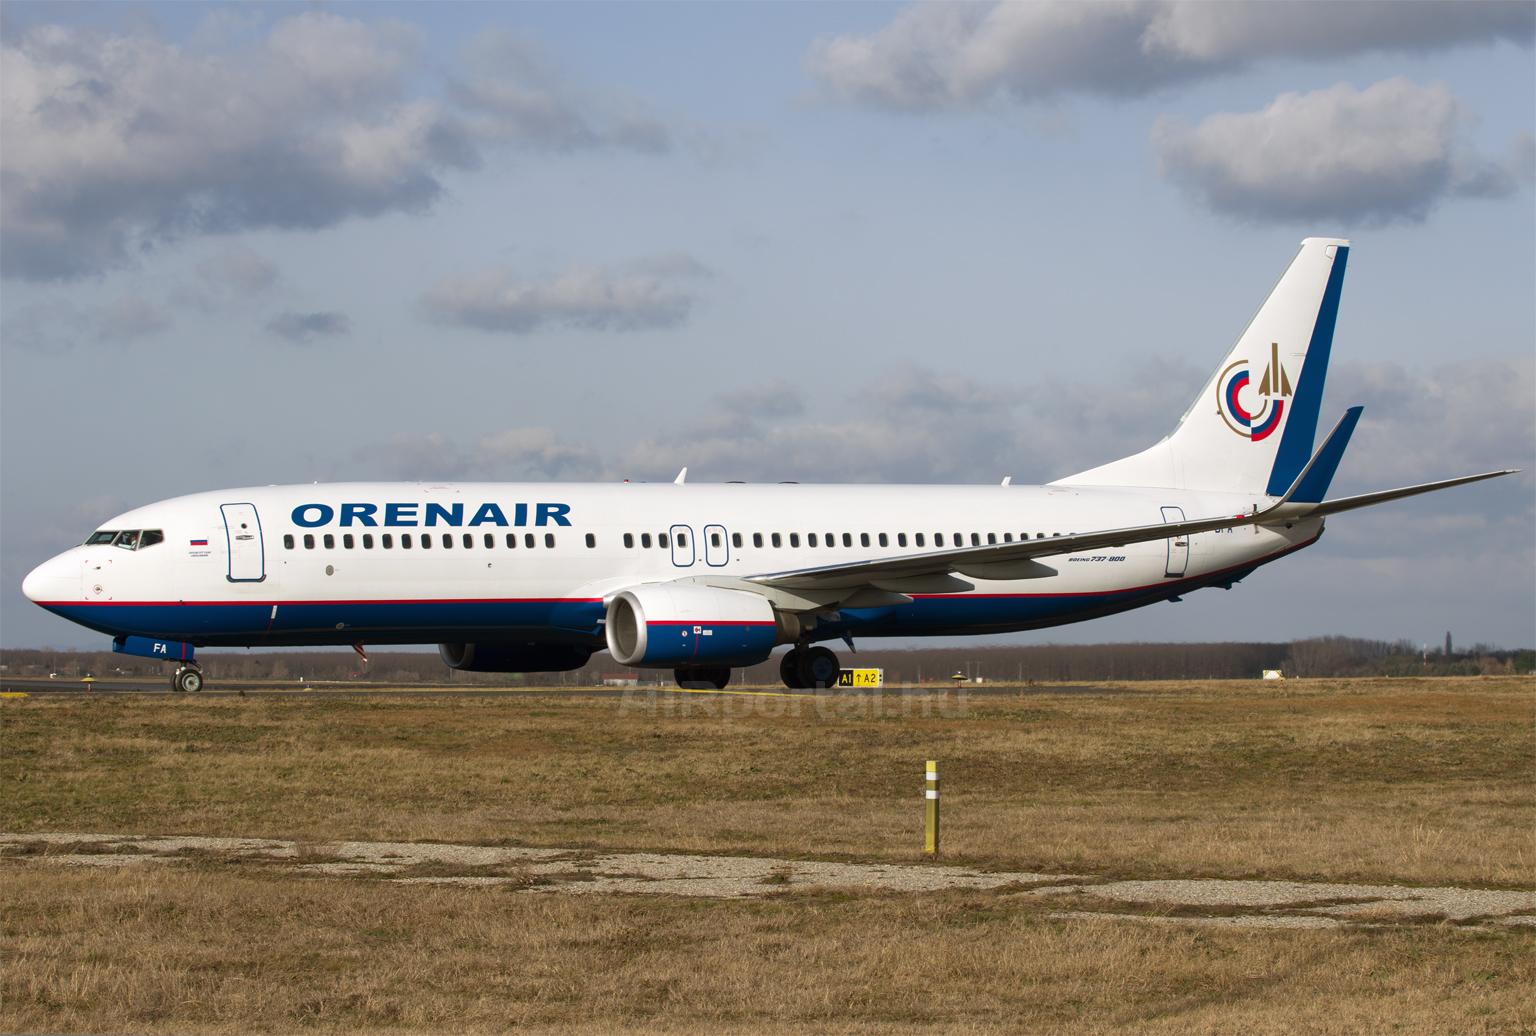 Az Oreanair gépei nem először fordulnak meg Ferihegyen, mivel az orosz cég a spanyol Air Europa cégtől lízingeli azokat, mely vállalat Budapesten szerelteti a Boeing 737-800-as típust. (Fotó: Szalmási Szabolcs - AIRportal.hu)   © AIRportal.hu